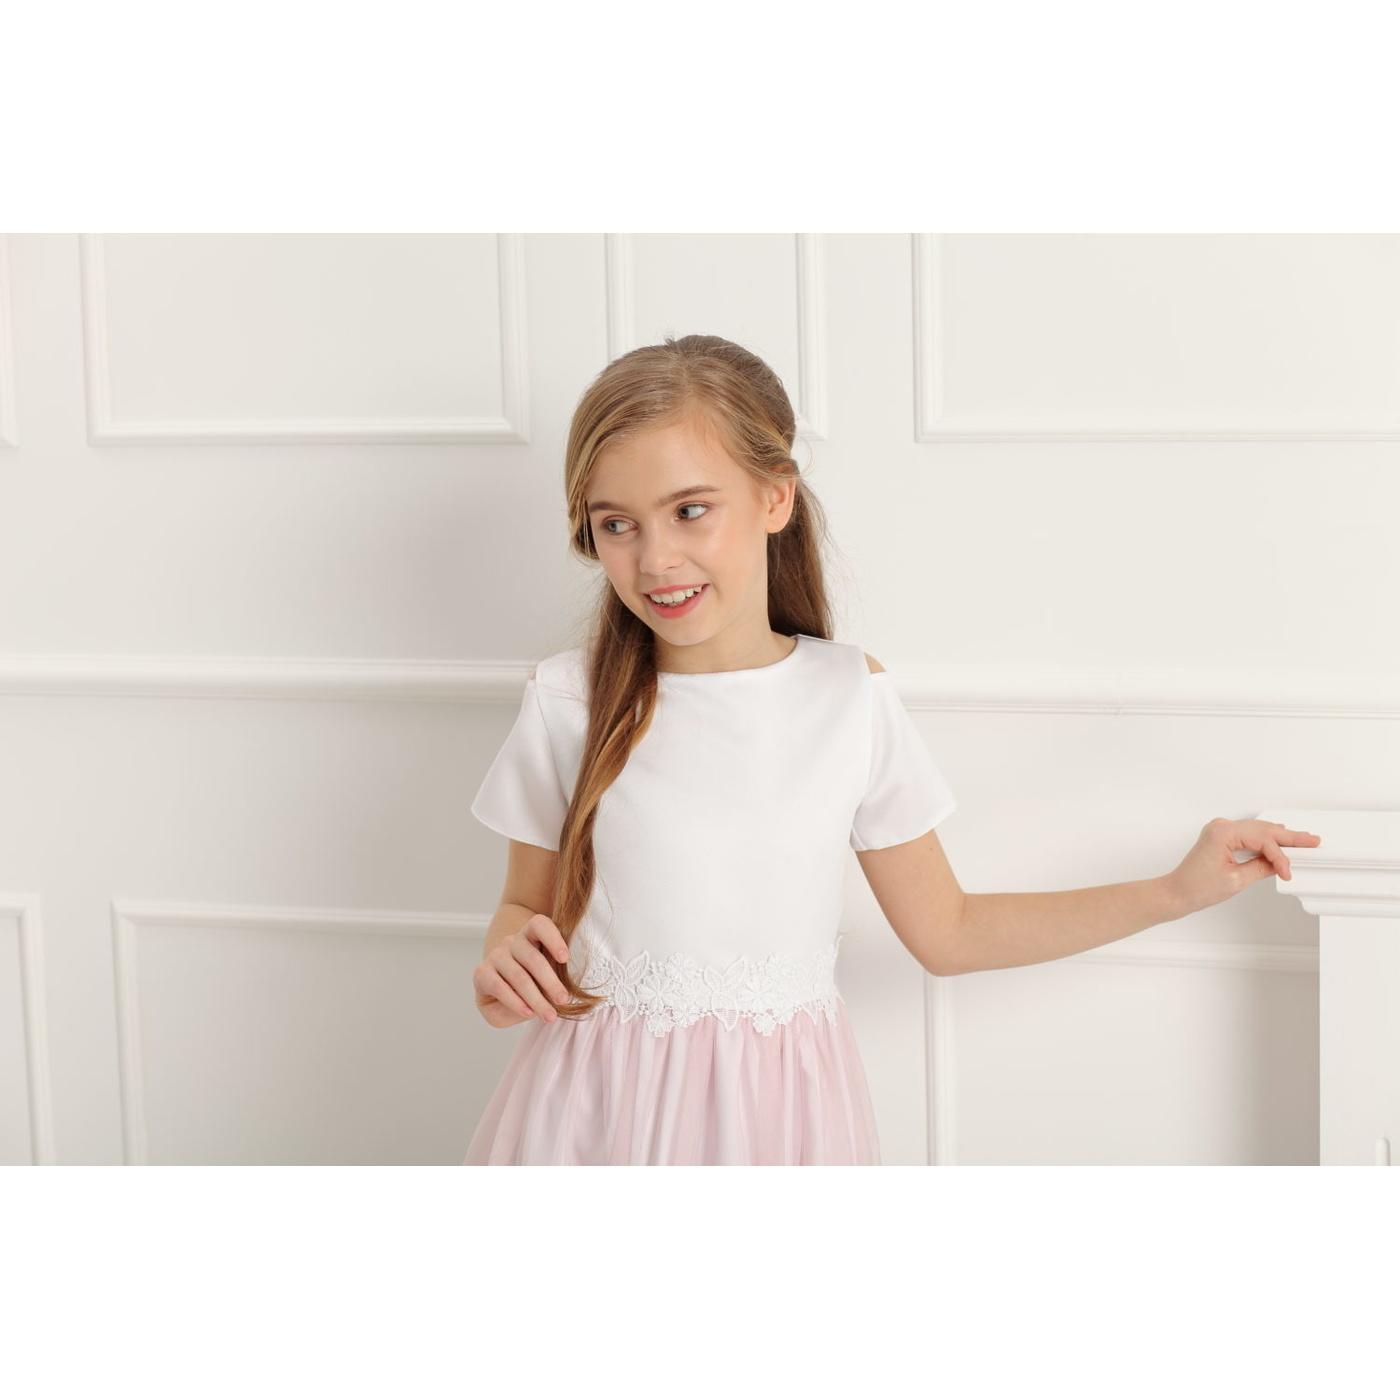 ca2d2f91108f67 ... Sukienka wizytowa dla dziewczynki z koronką Charlotte różowa, na  komunię,na wesela,okazjonalne ...